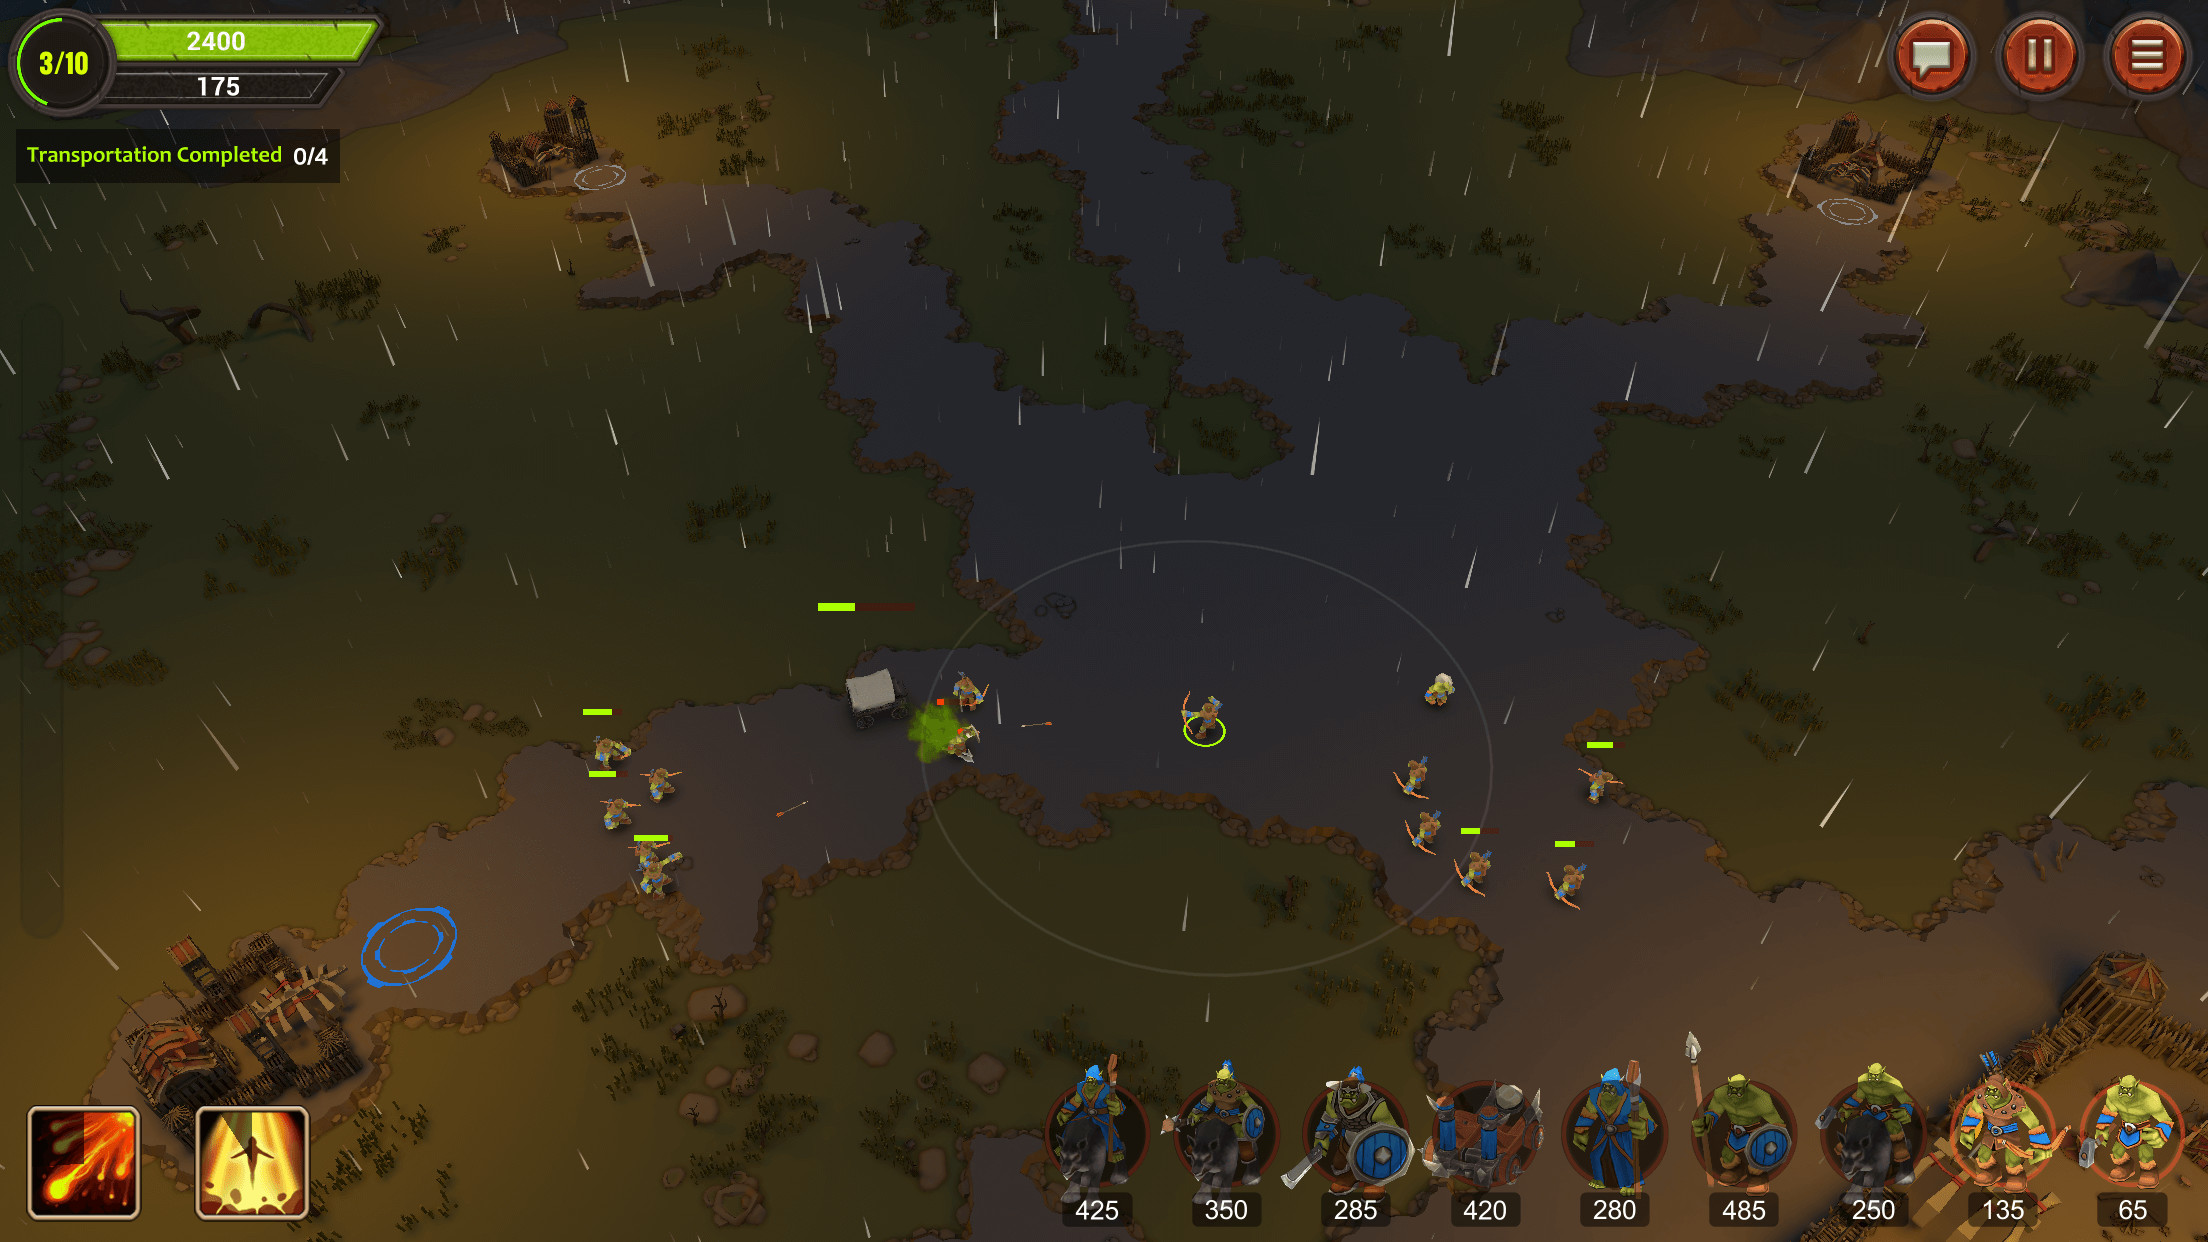 Orc's Civil War screenshot